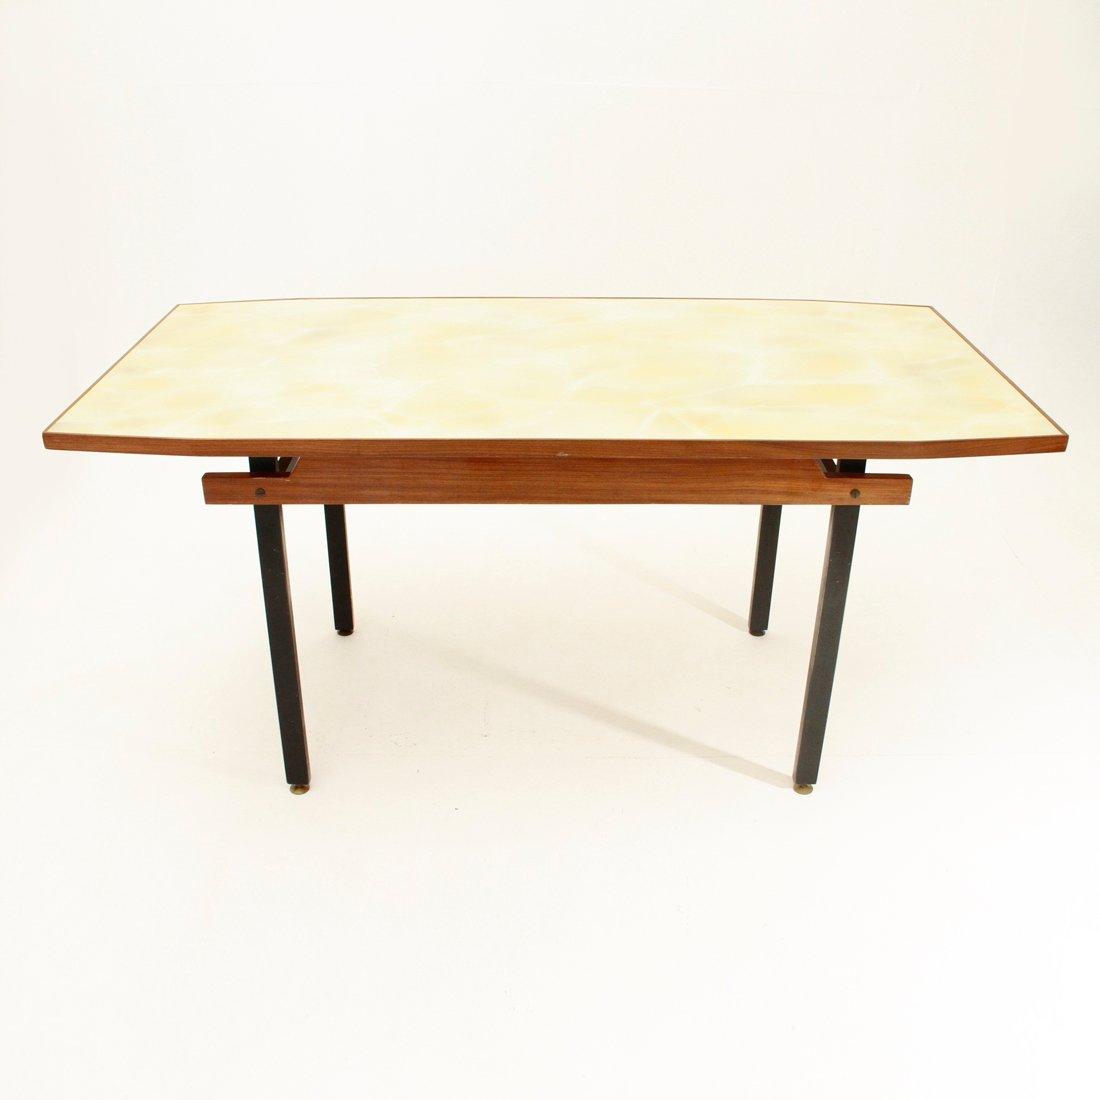 italienischer esstisch mit gelber tischplatte aus glas. Black Bedroom Furniture Sets. Home Design Ideas